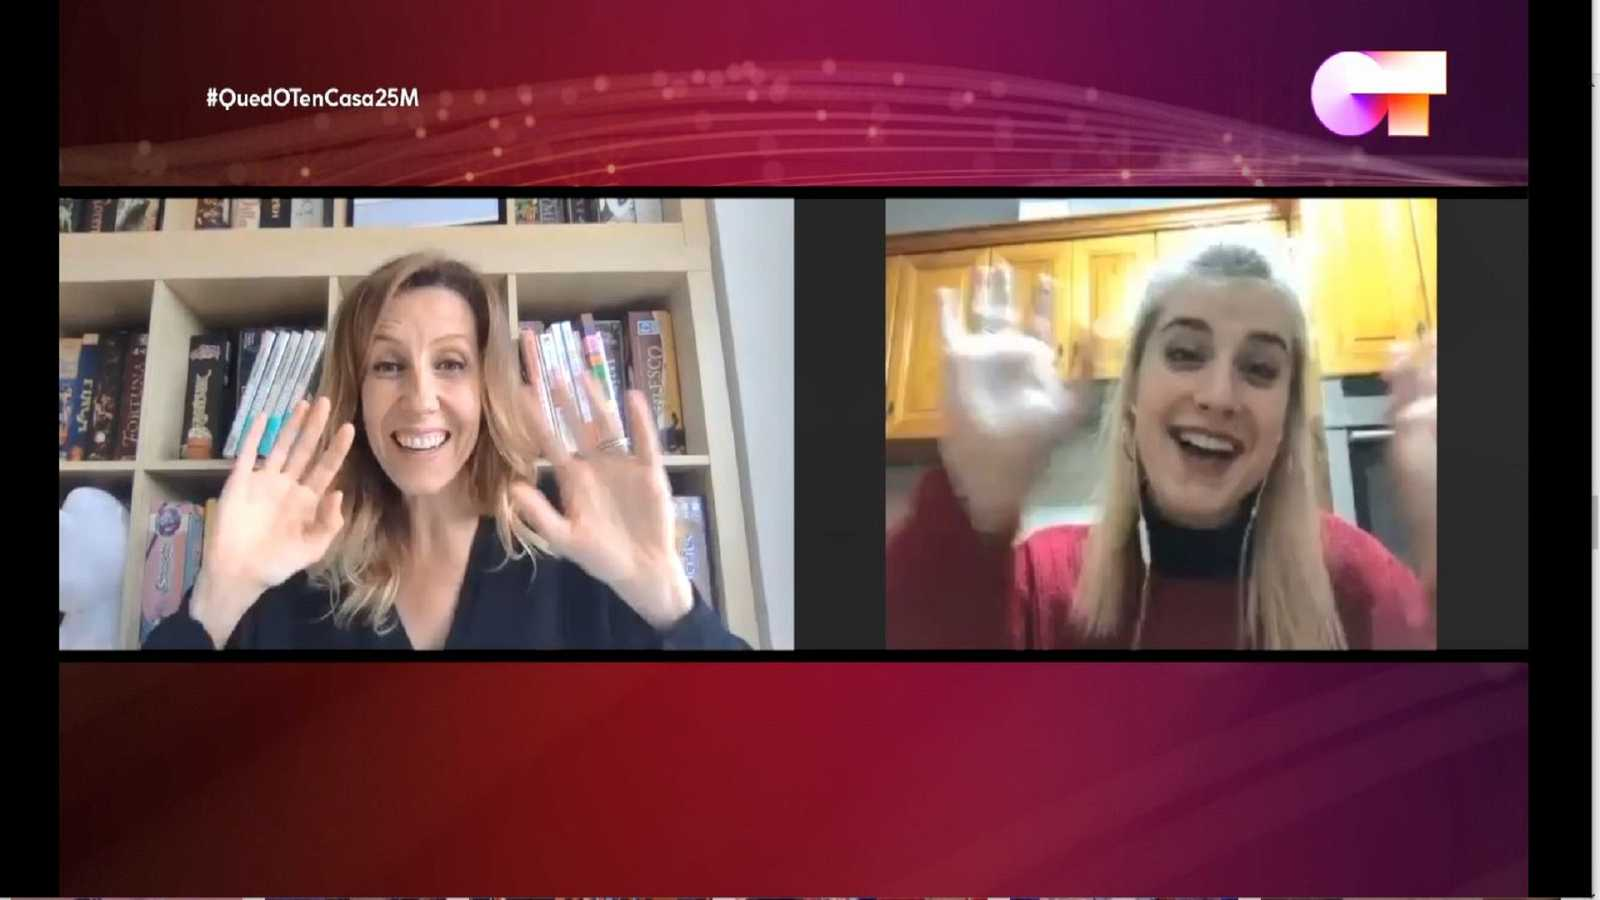 Andrea Vilallonga llama a Samantha para animarla